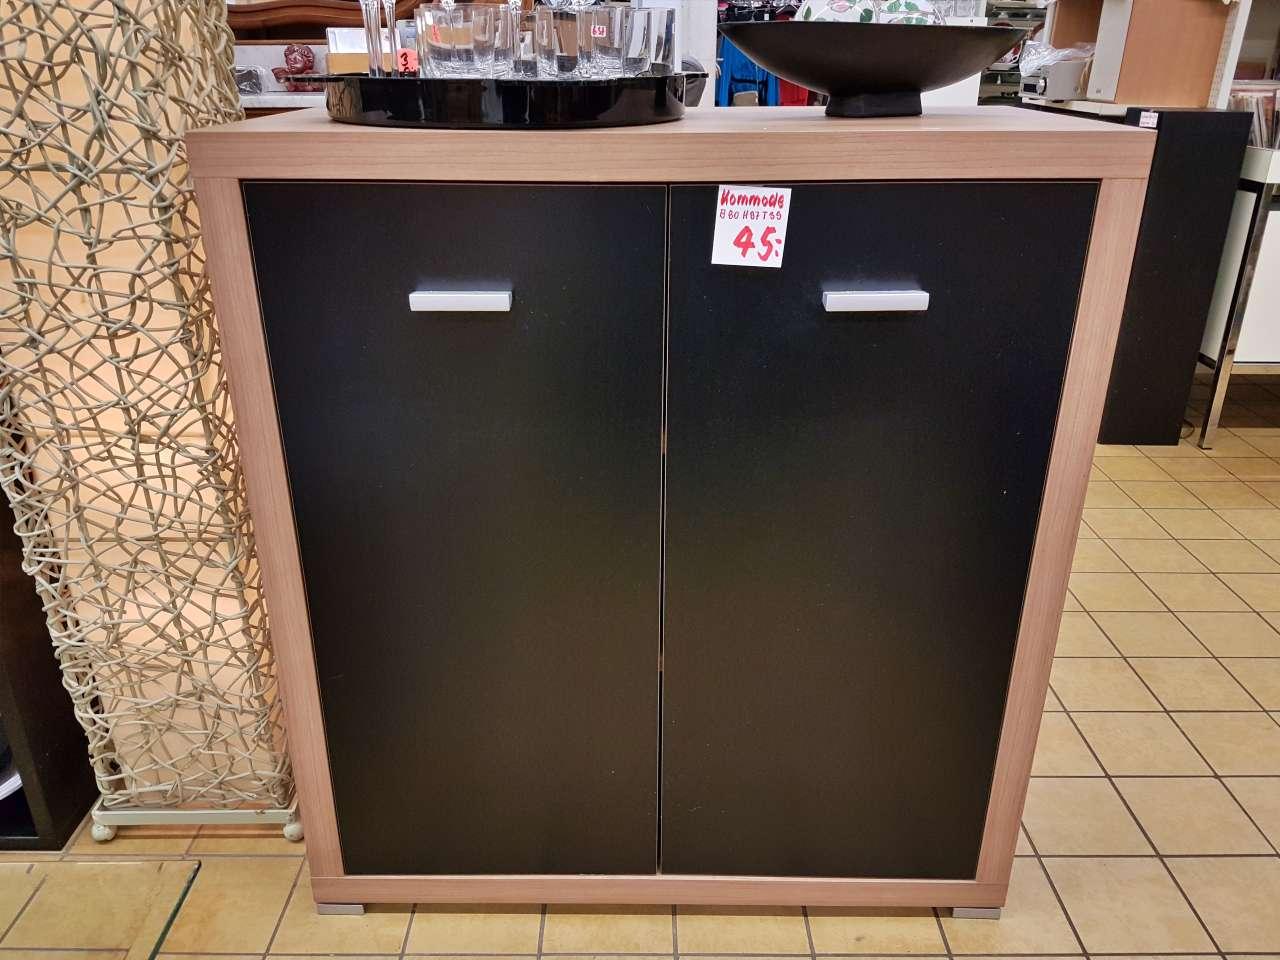 Kommode Wäschekommode Holz schwarz modern